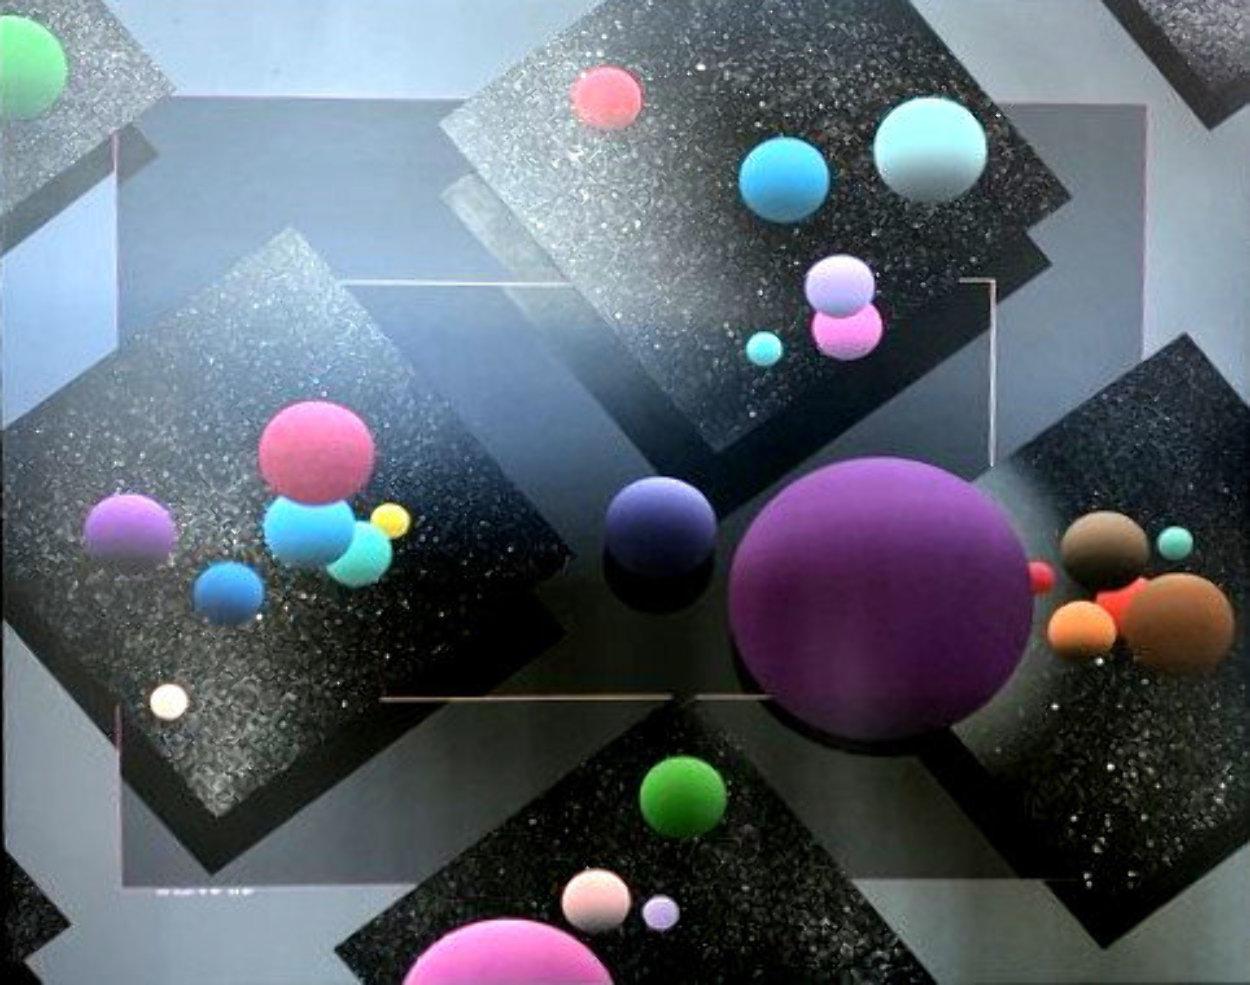 Spacescape 1989 40x36 Super Huge Original Painting by Stan Solomon